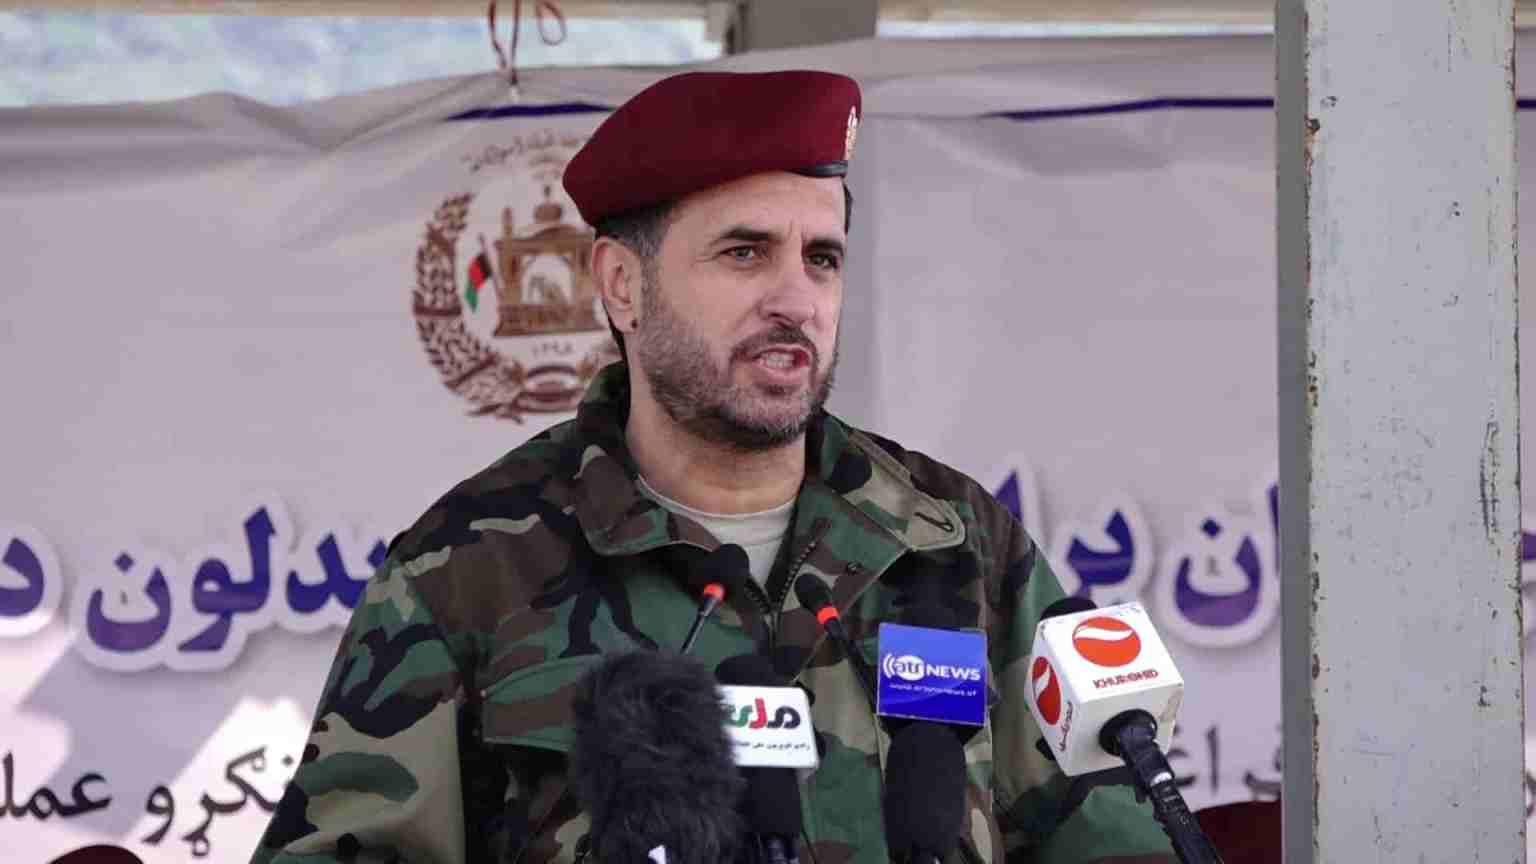 خروج نیروهای ناتو تاثیر منفی بر امنیت افغانستان ندارد/ ناتو برای حضور دائمی به افغانستان نیامده است